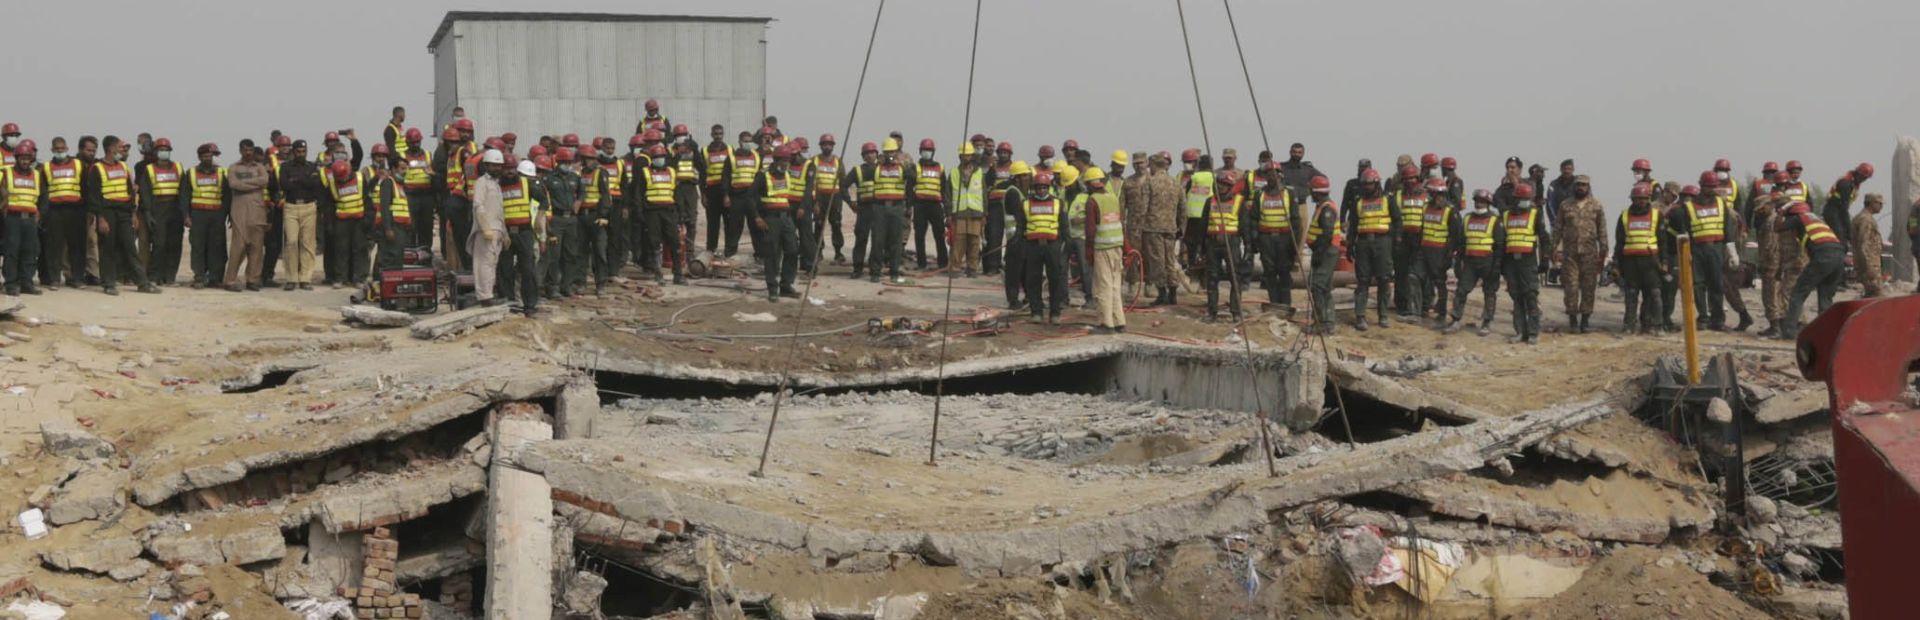 NEPOZNAT BROJ ŽRTAVA: Potraga za preživjelima nastavljena nakon urušavanja tvornice u Pakistanu